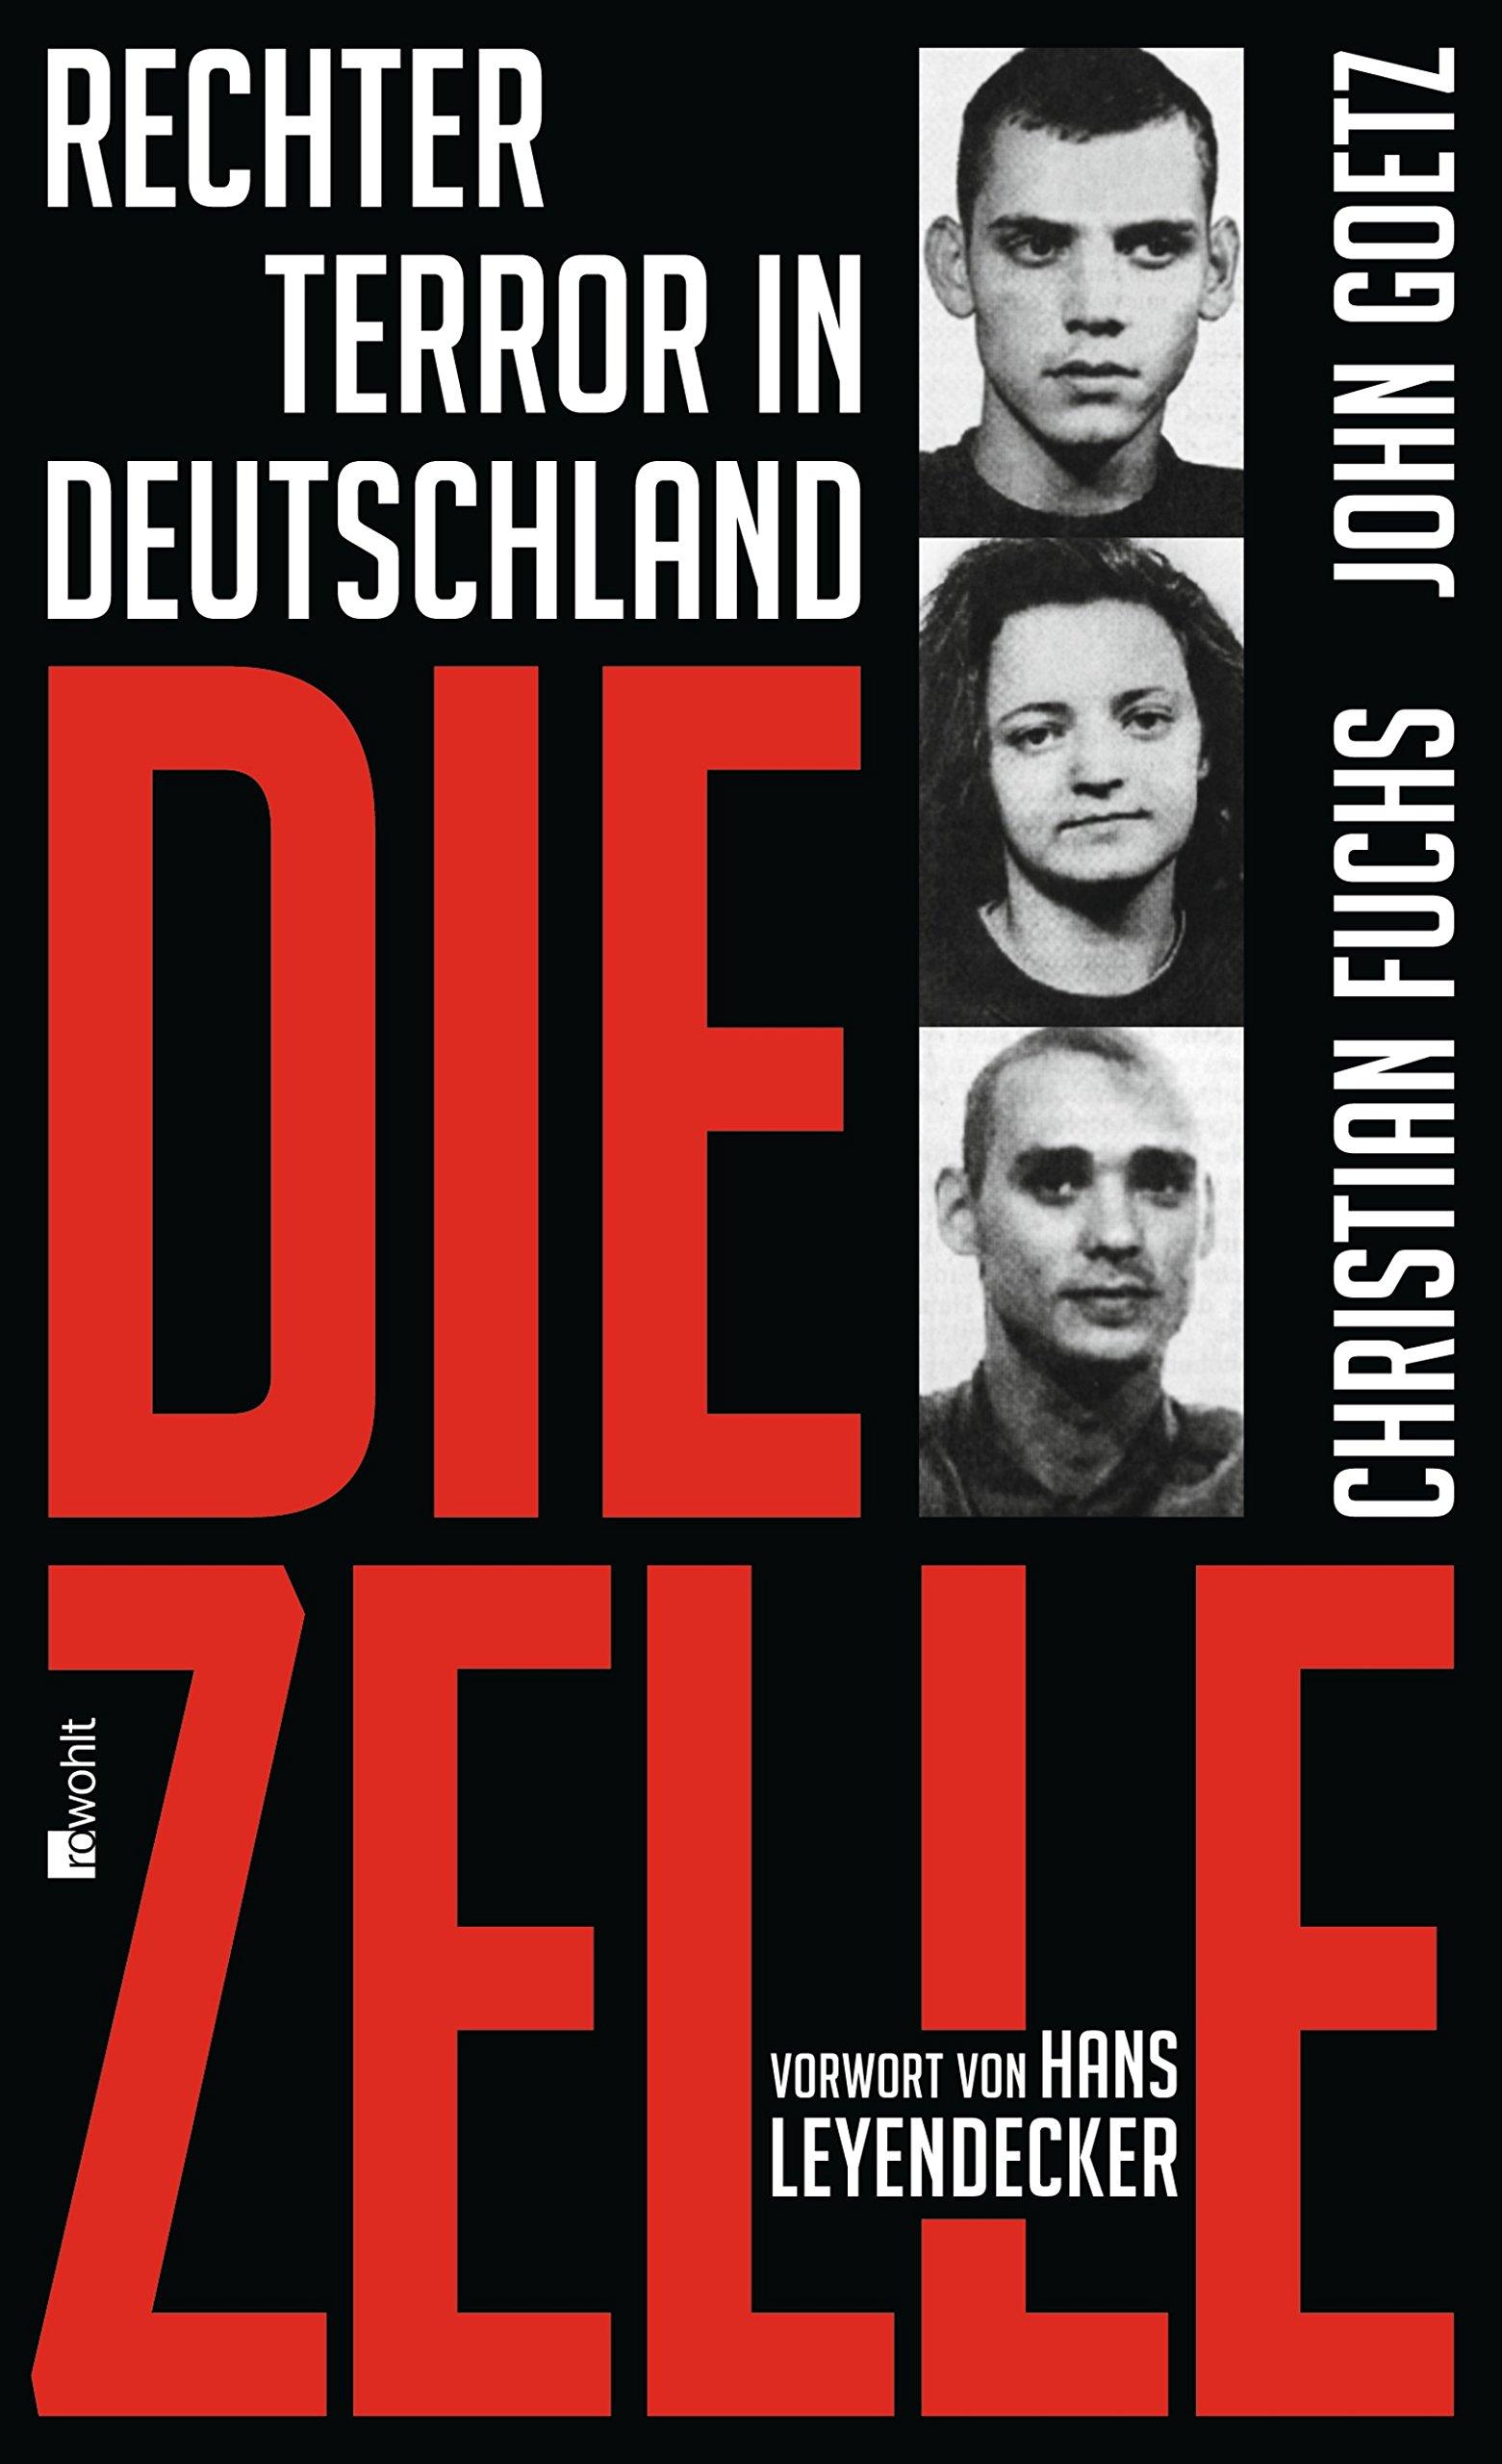 Die Zelle: Rechter Terror in Deutschland